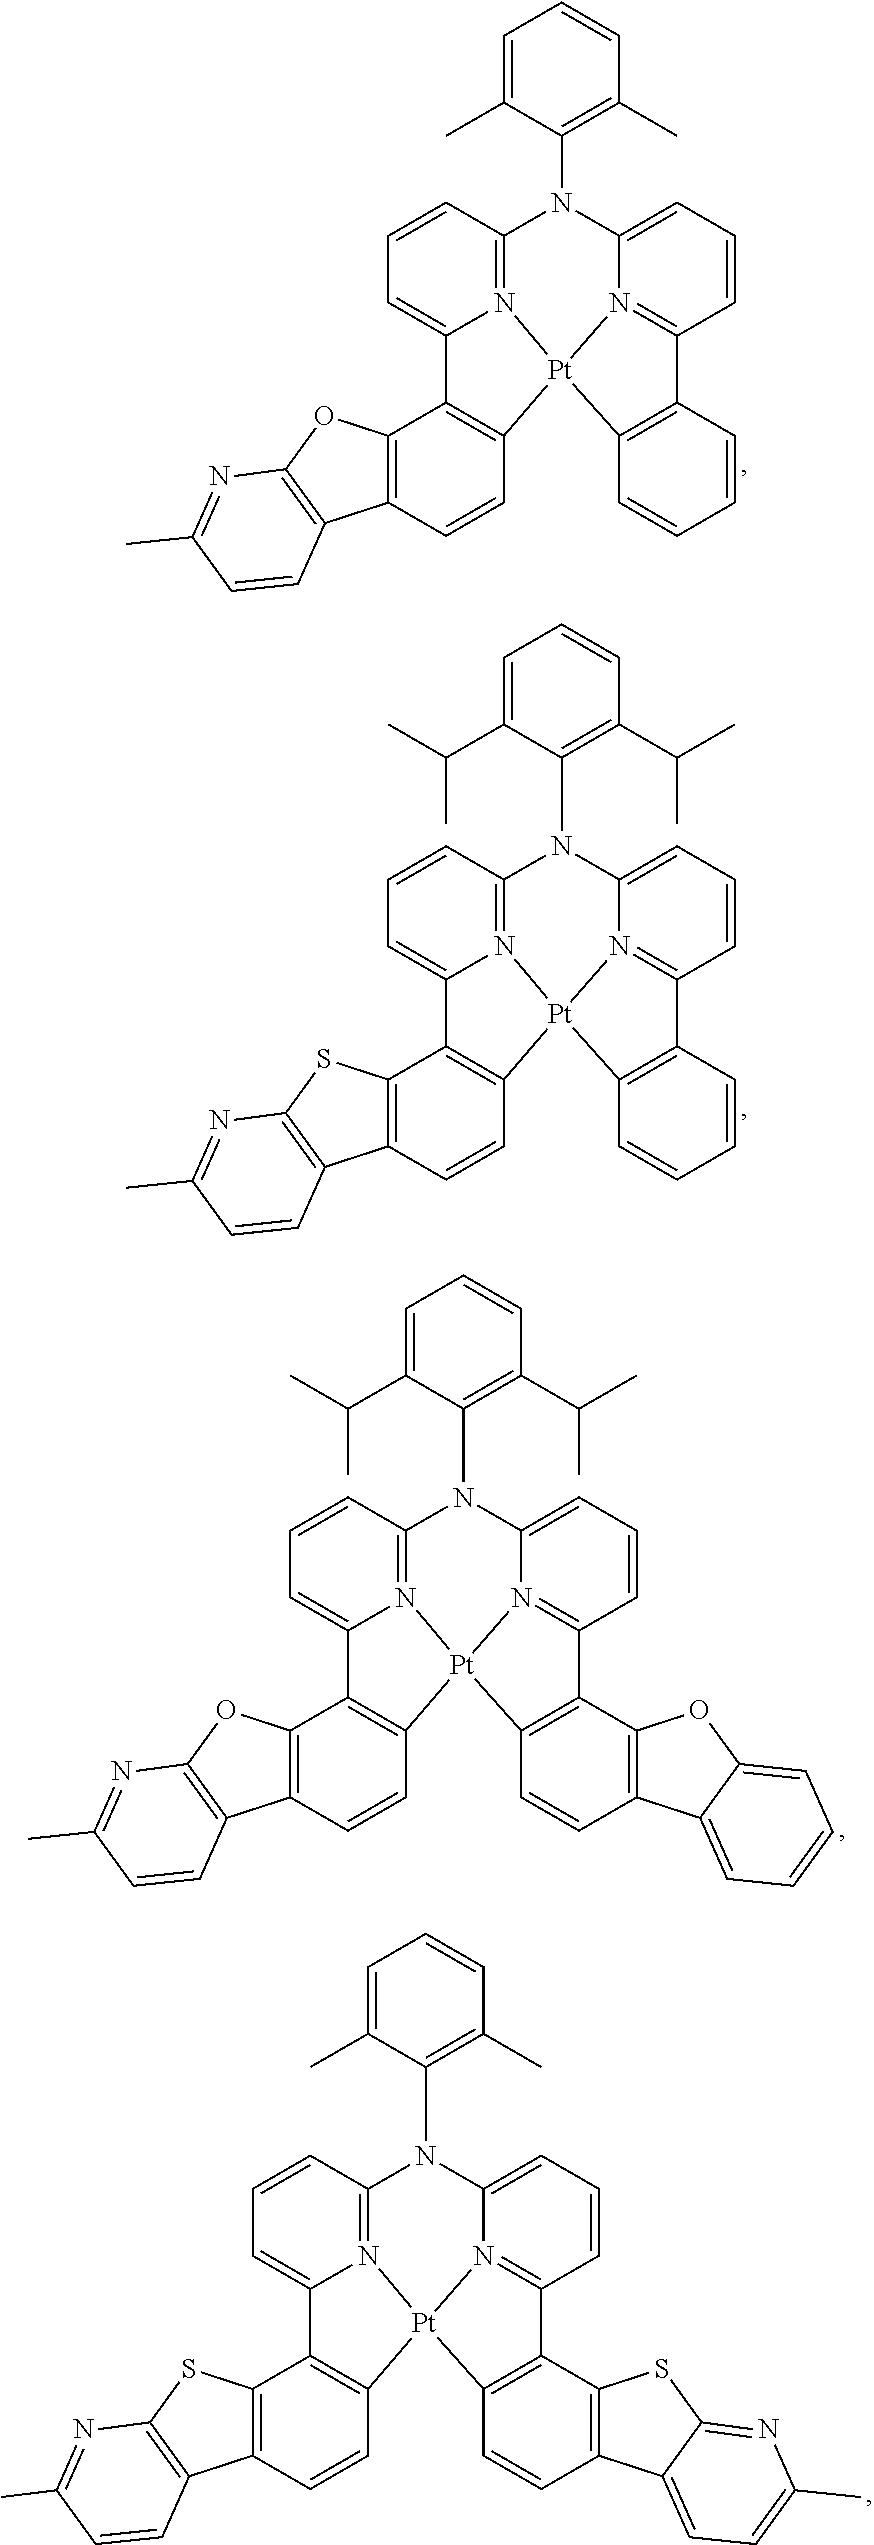 Figure US09871214-20180116-C00053